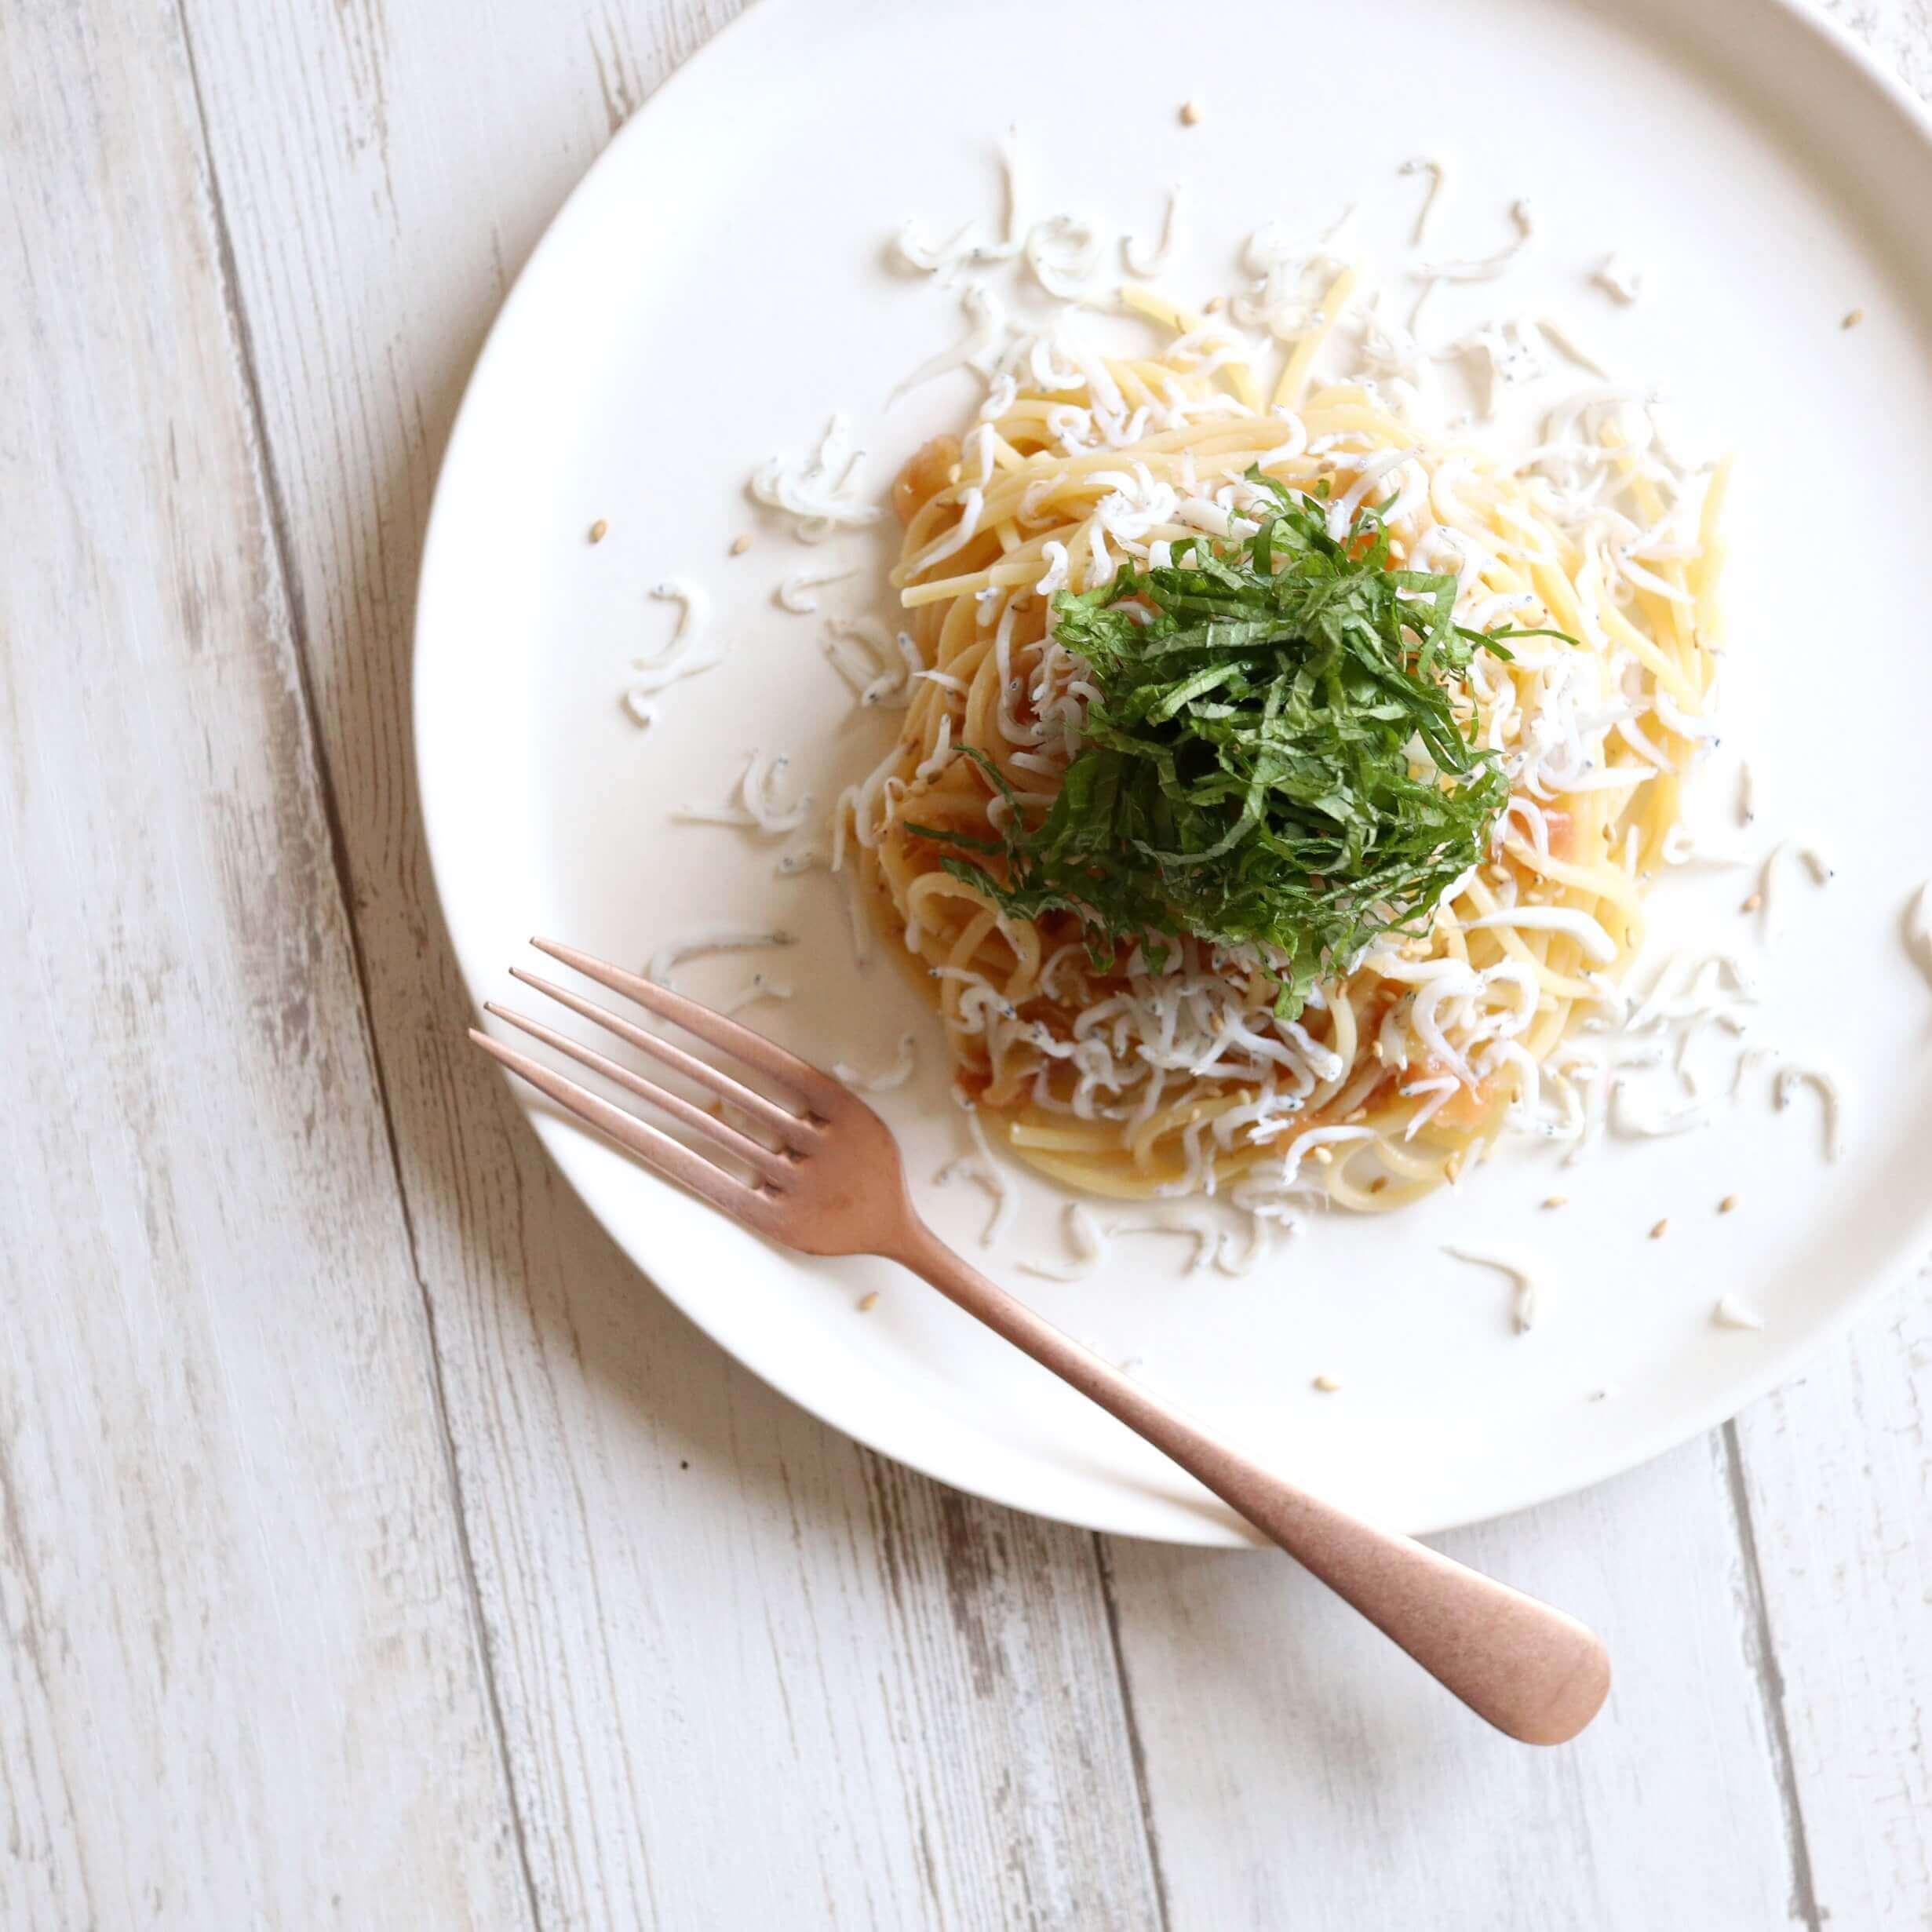 【混ぜるだけ】しらすと梅干しのパスタのレシピ